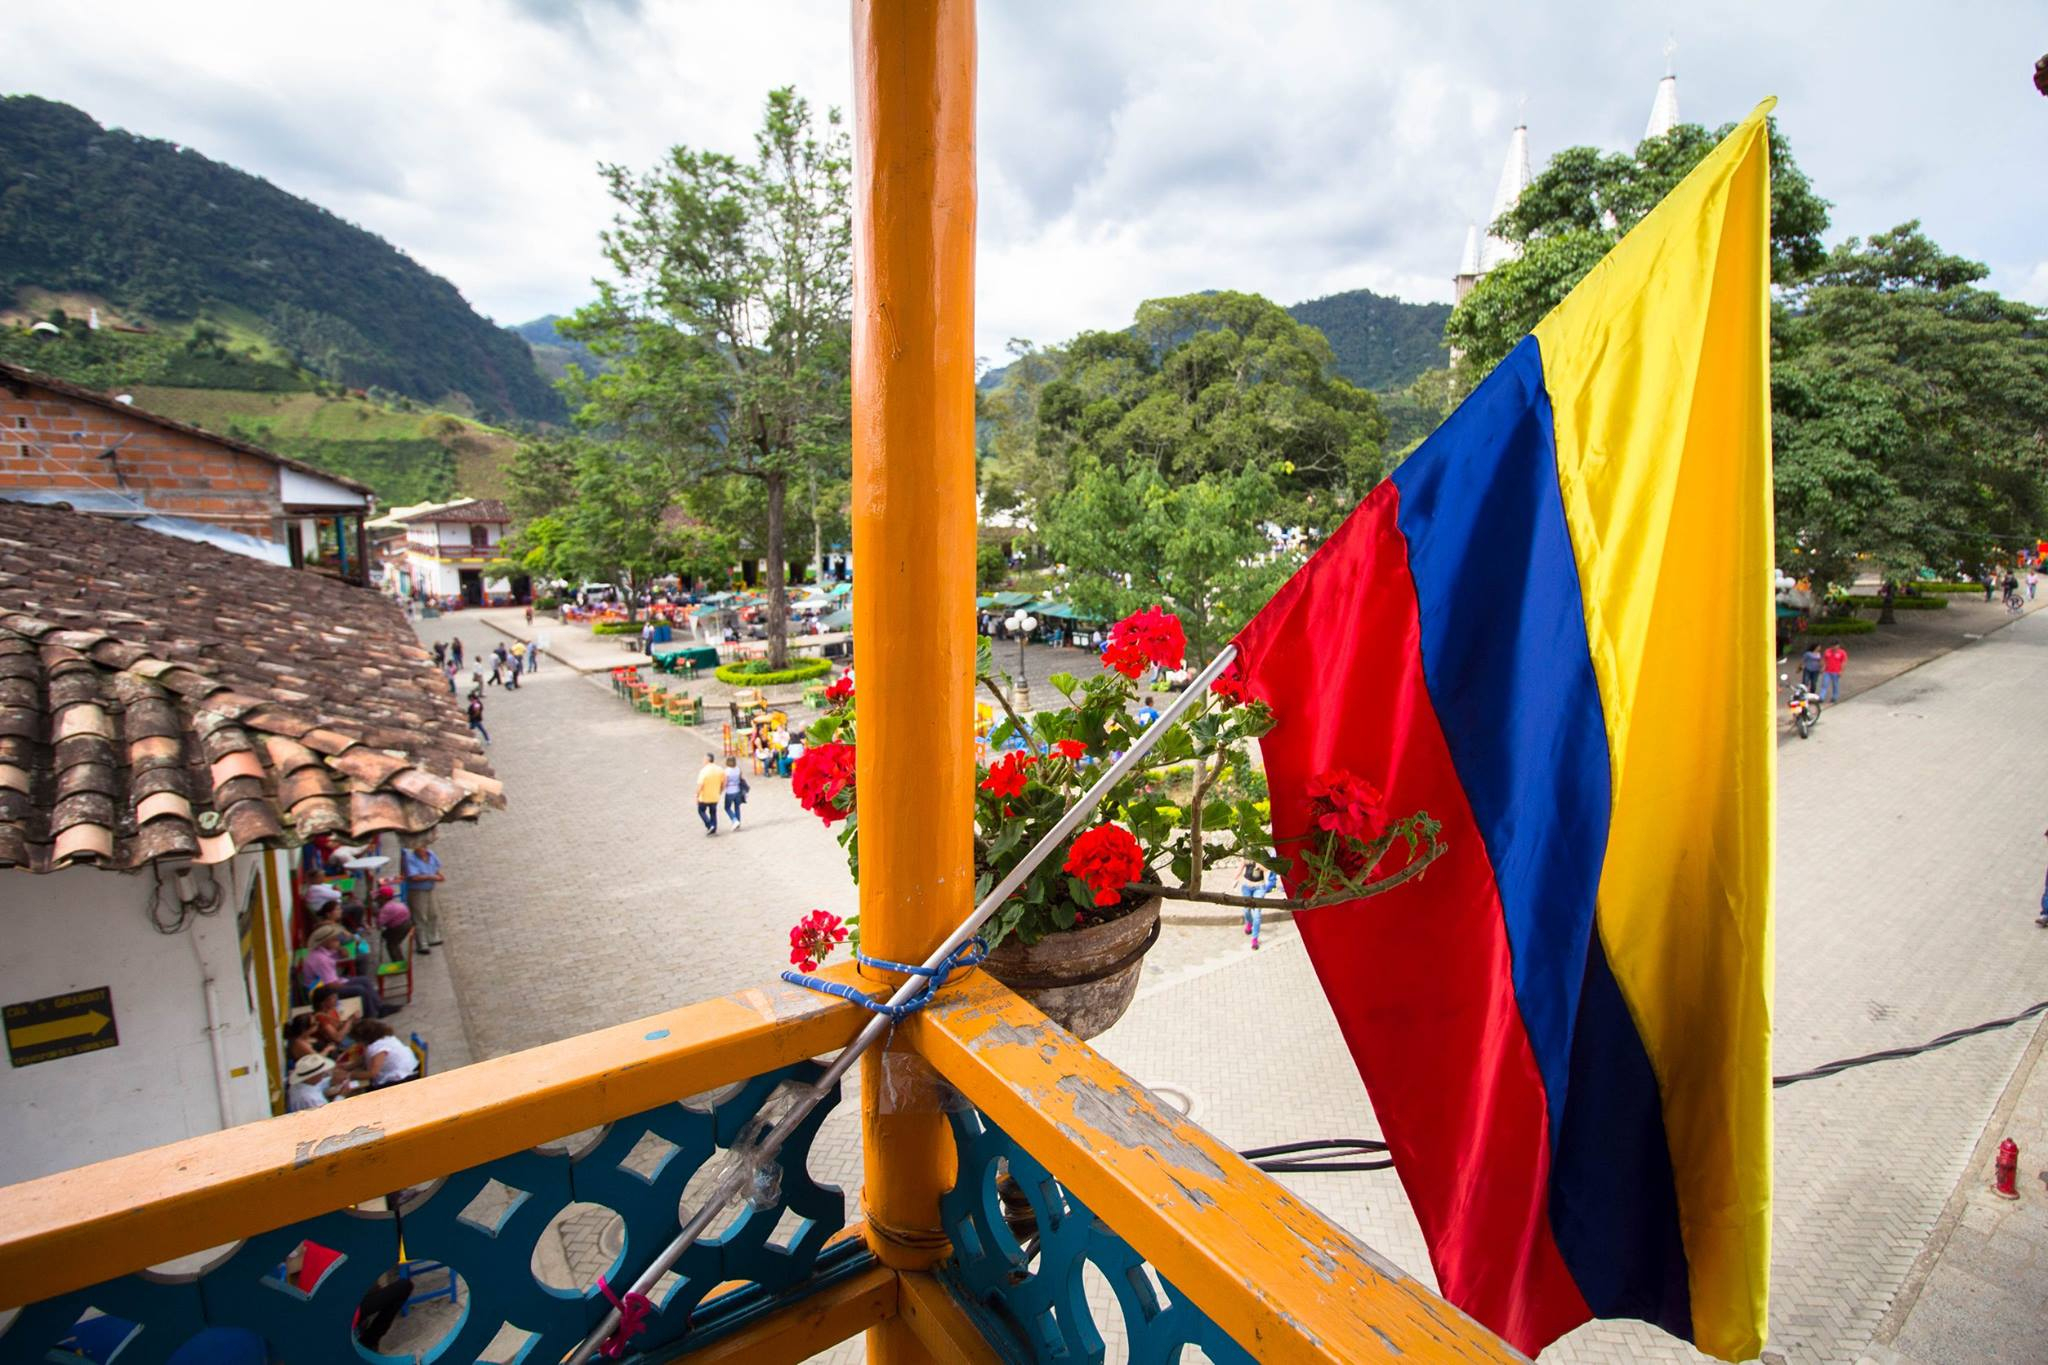 Jardín, Antioquia, Colombia - Pablo Lampion destiné Lampion Jardin